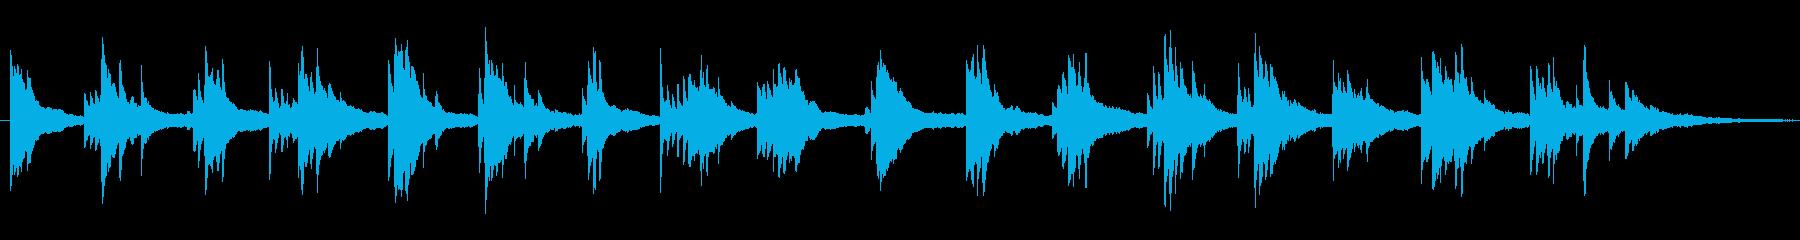 爽やか 物語の始まり 花 ■ ピアノソロの再生済みの波形